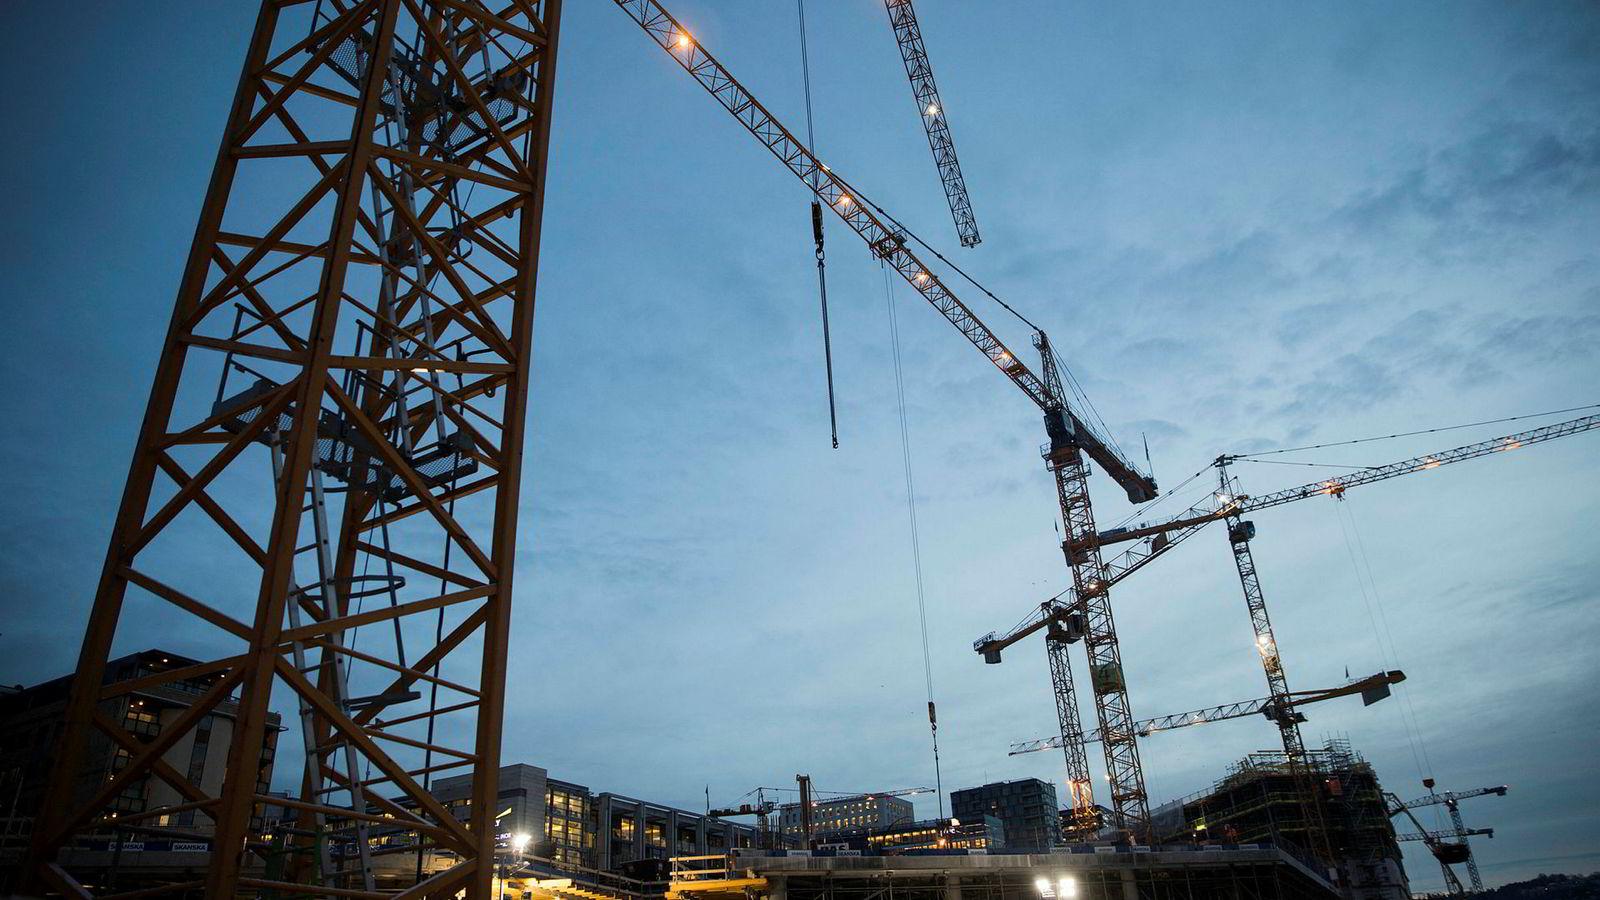 Både DNB og Nordea venter at veksten i norsk økonomi vil ta seg ytterligere opp i år. Bildet er fra byggearbeid i Bjørvika i Oslo i januar i år.